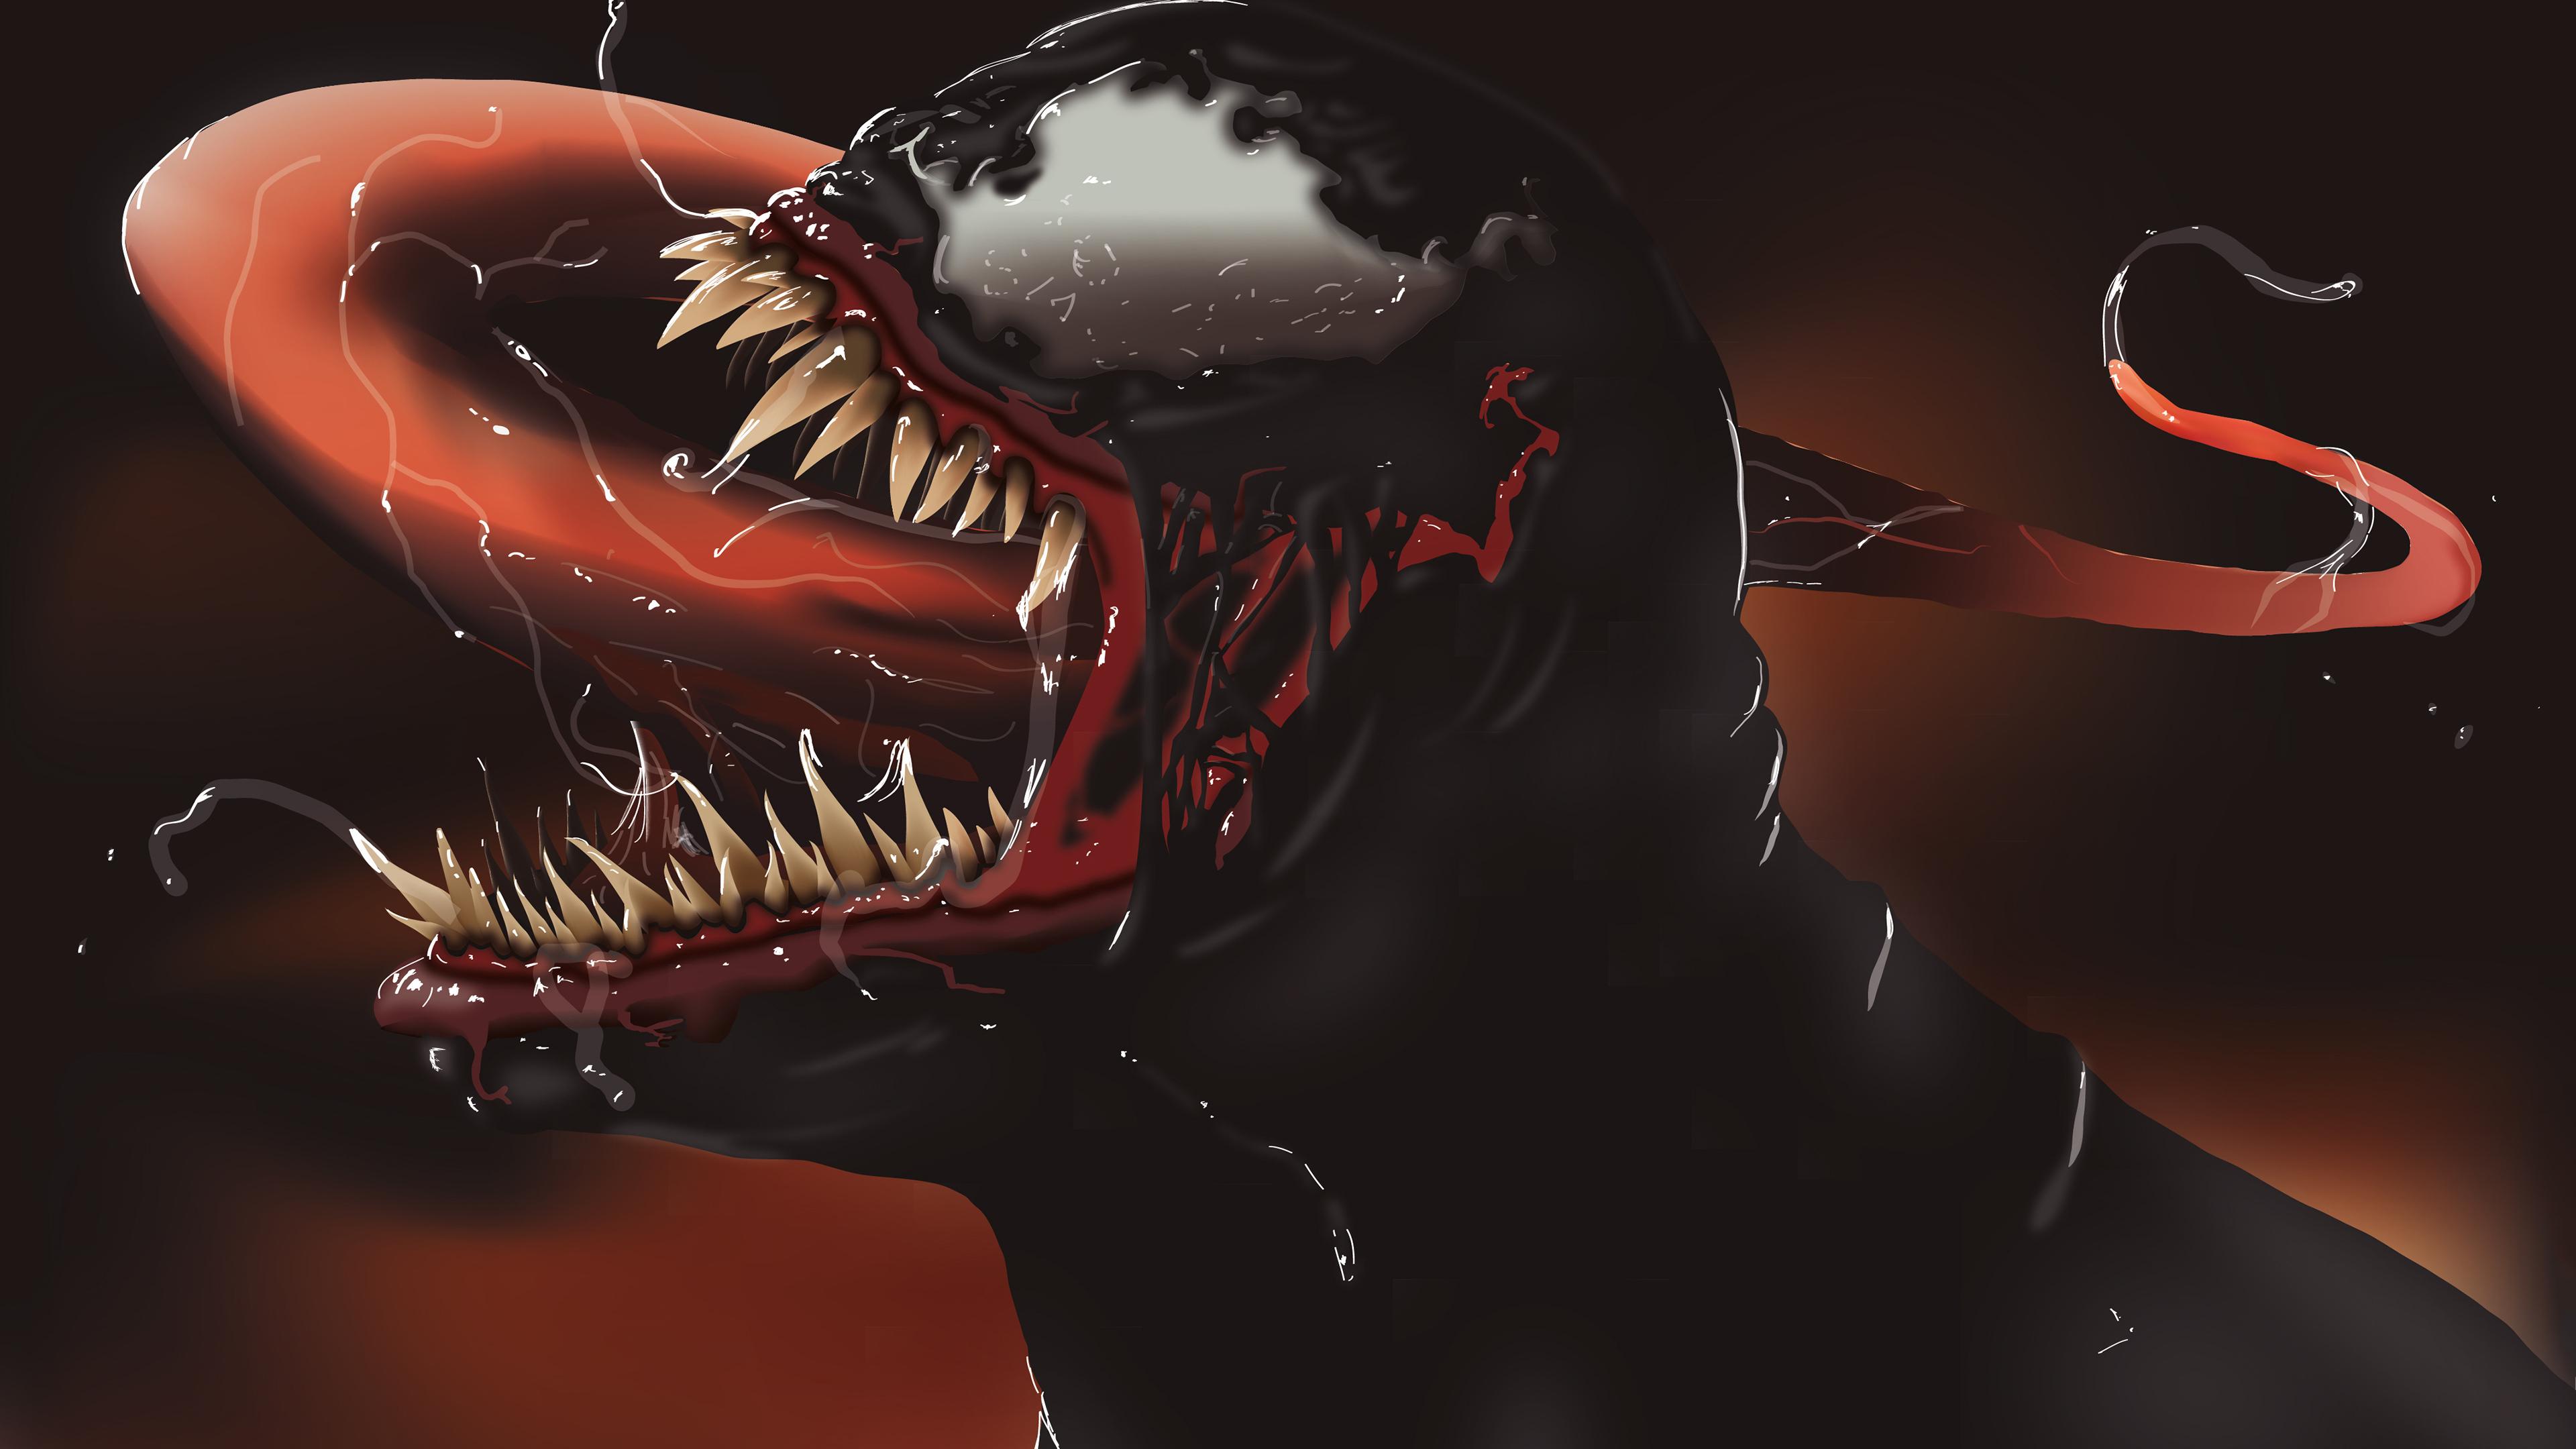 venom illustration new 4k 2019 1547506386 - Venom Illustration New 4k 2019 - Venom wallpapers, superheroes wallpapers, hd-wallpapers, behance wallpapers, artwork wallpapers, artist wallpapers, 4k-wallpapers